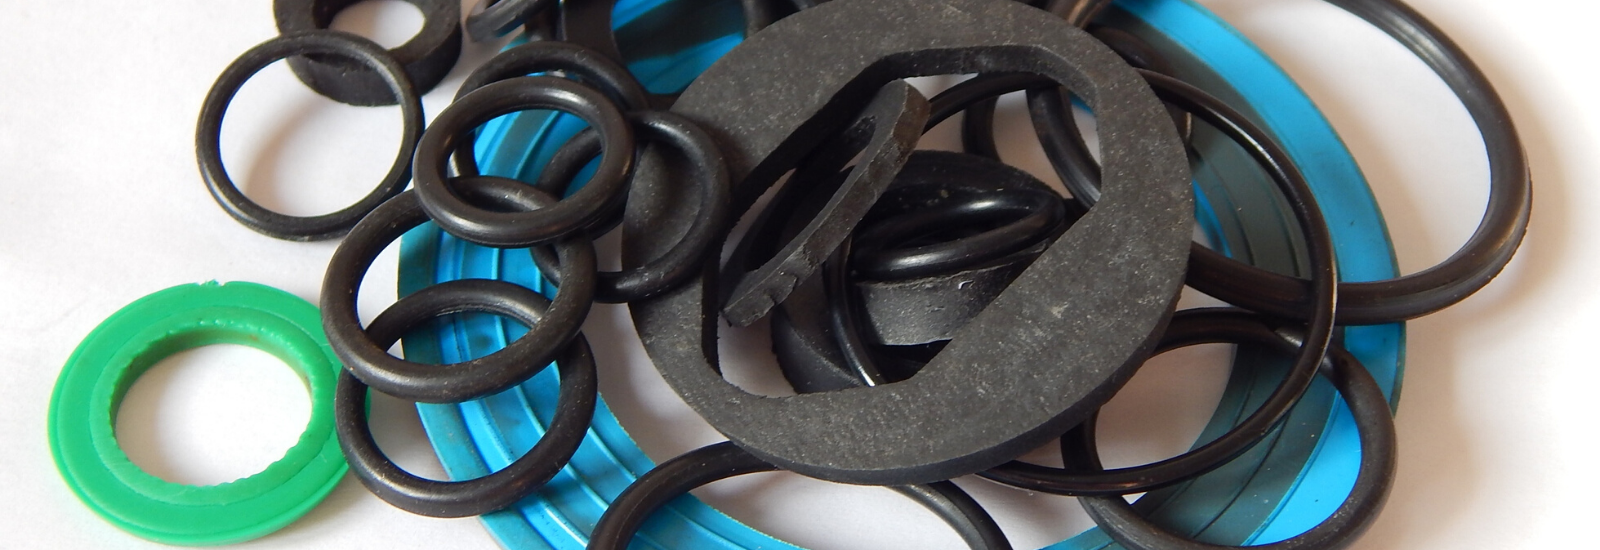 assemblaggio guarnizioni oring con grasso siliconico